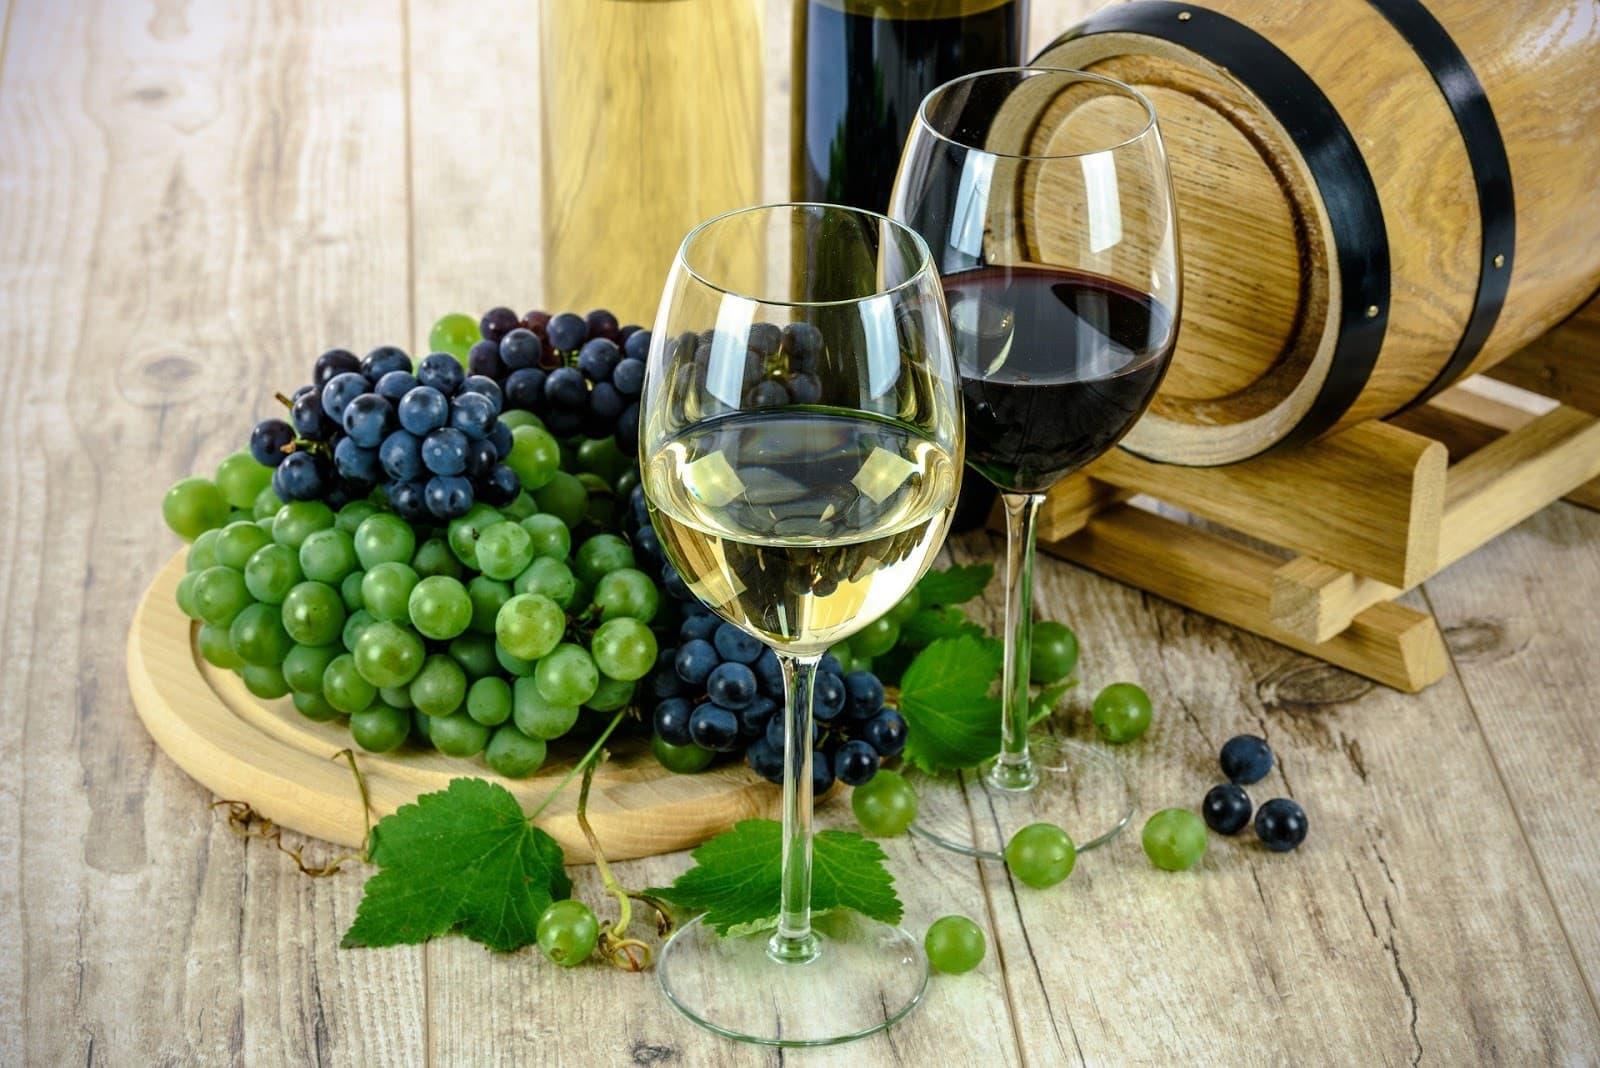 Taças com vinhos chilenos e uvas ao fundo